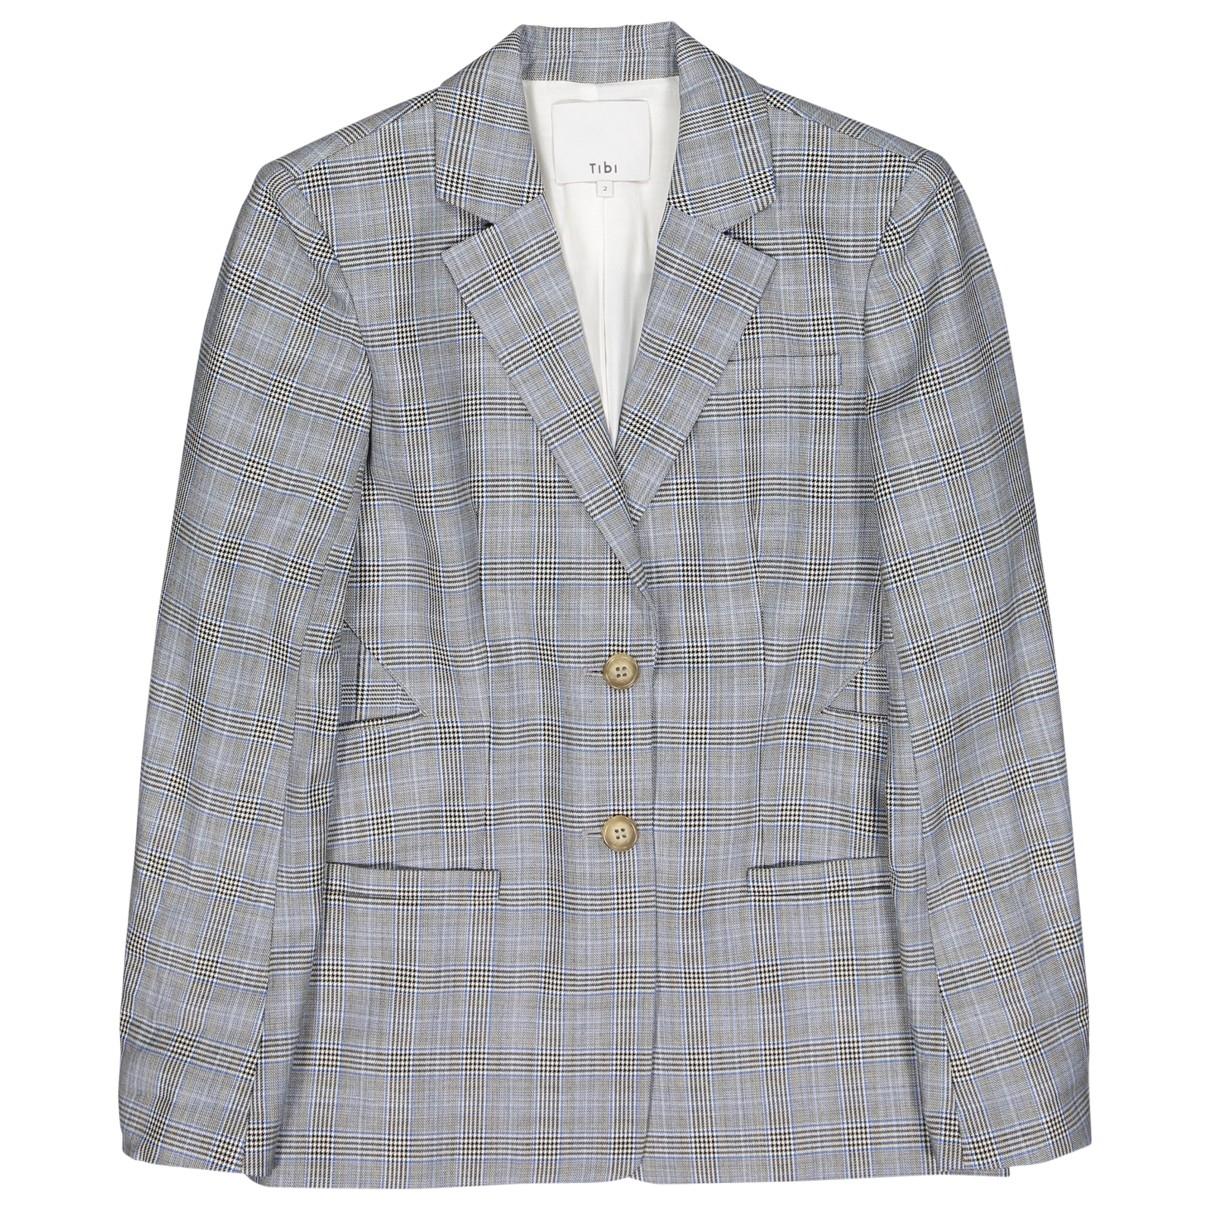 Tibi - Veste   pour femme en laine - gris